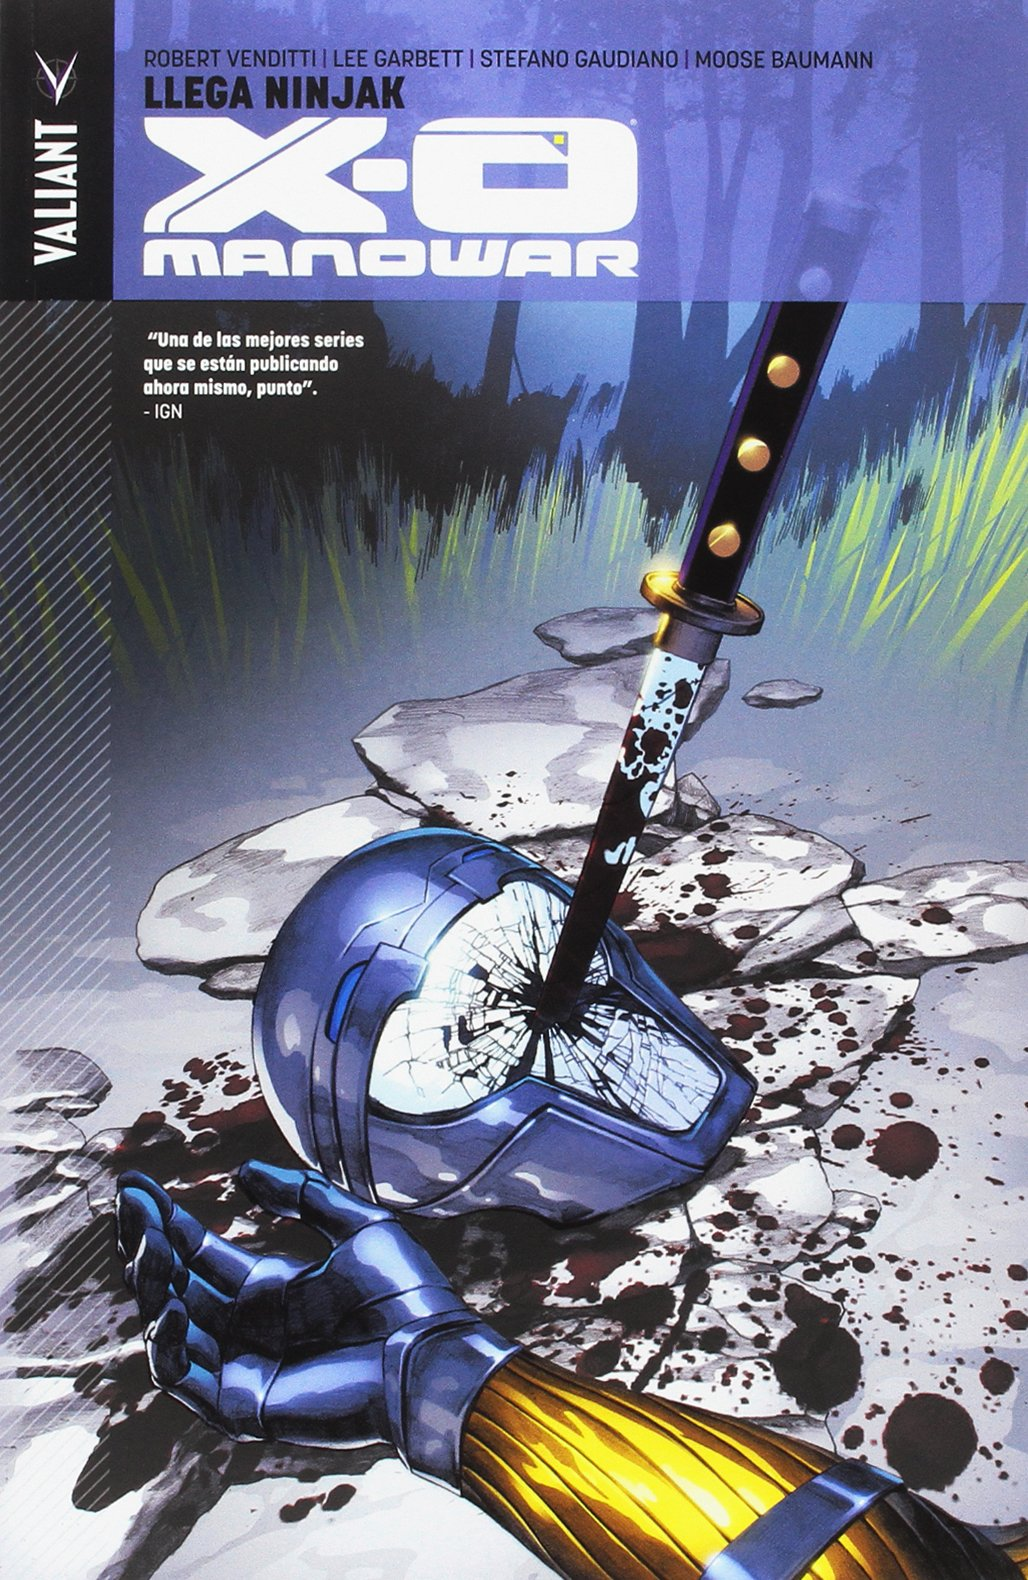 Pack Valiant 1. X-O Manowar - 5 volúmenes: Amazon.es: Vv.Aa, Vv.Aa: Libros